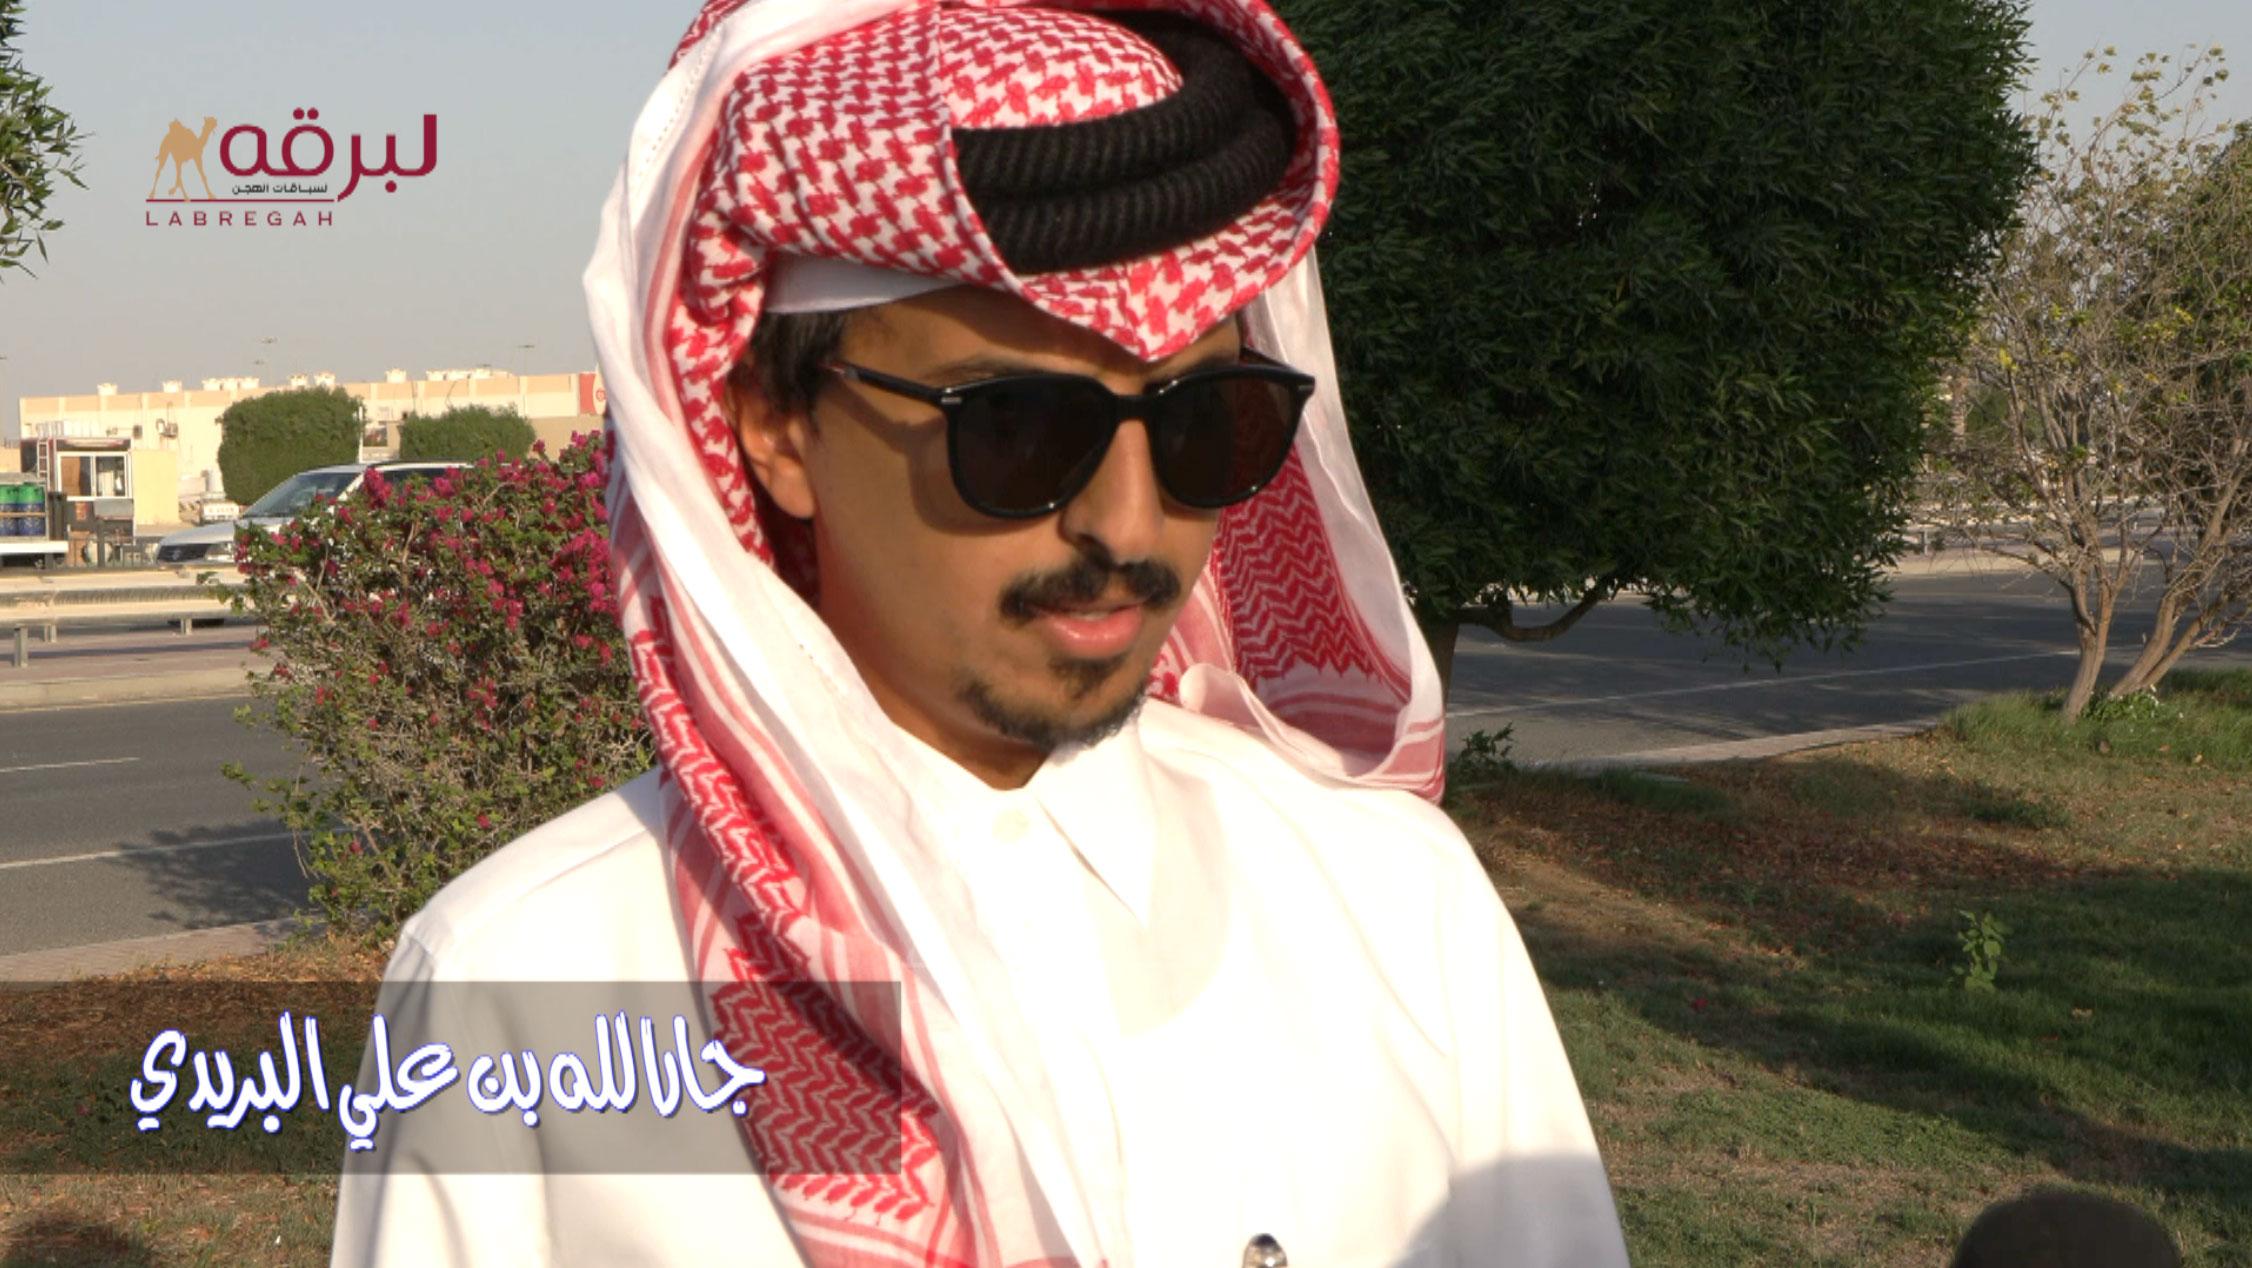 لقاء مع جارالله بن علي البريدي.. الشوط الرئيسي للحقايق بكار (مفتوح) الأشواط العامة  ٢١-١٠-٢٠٢١